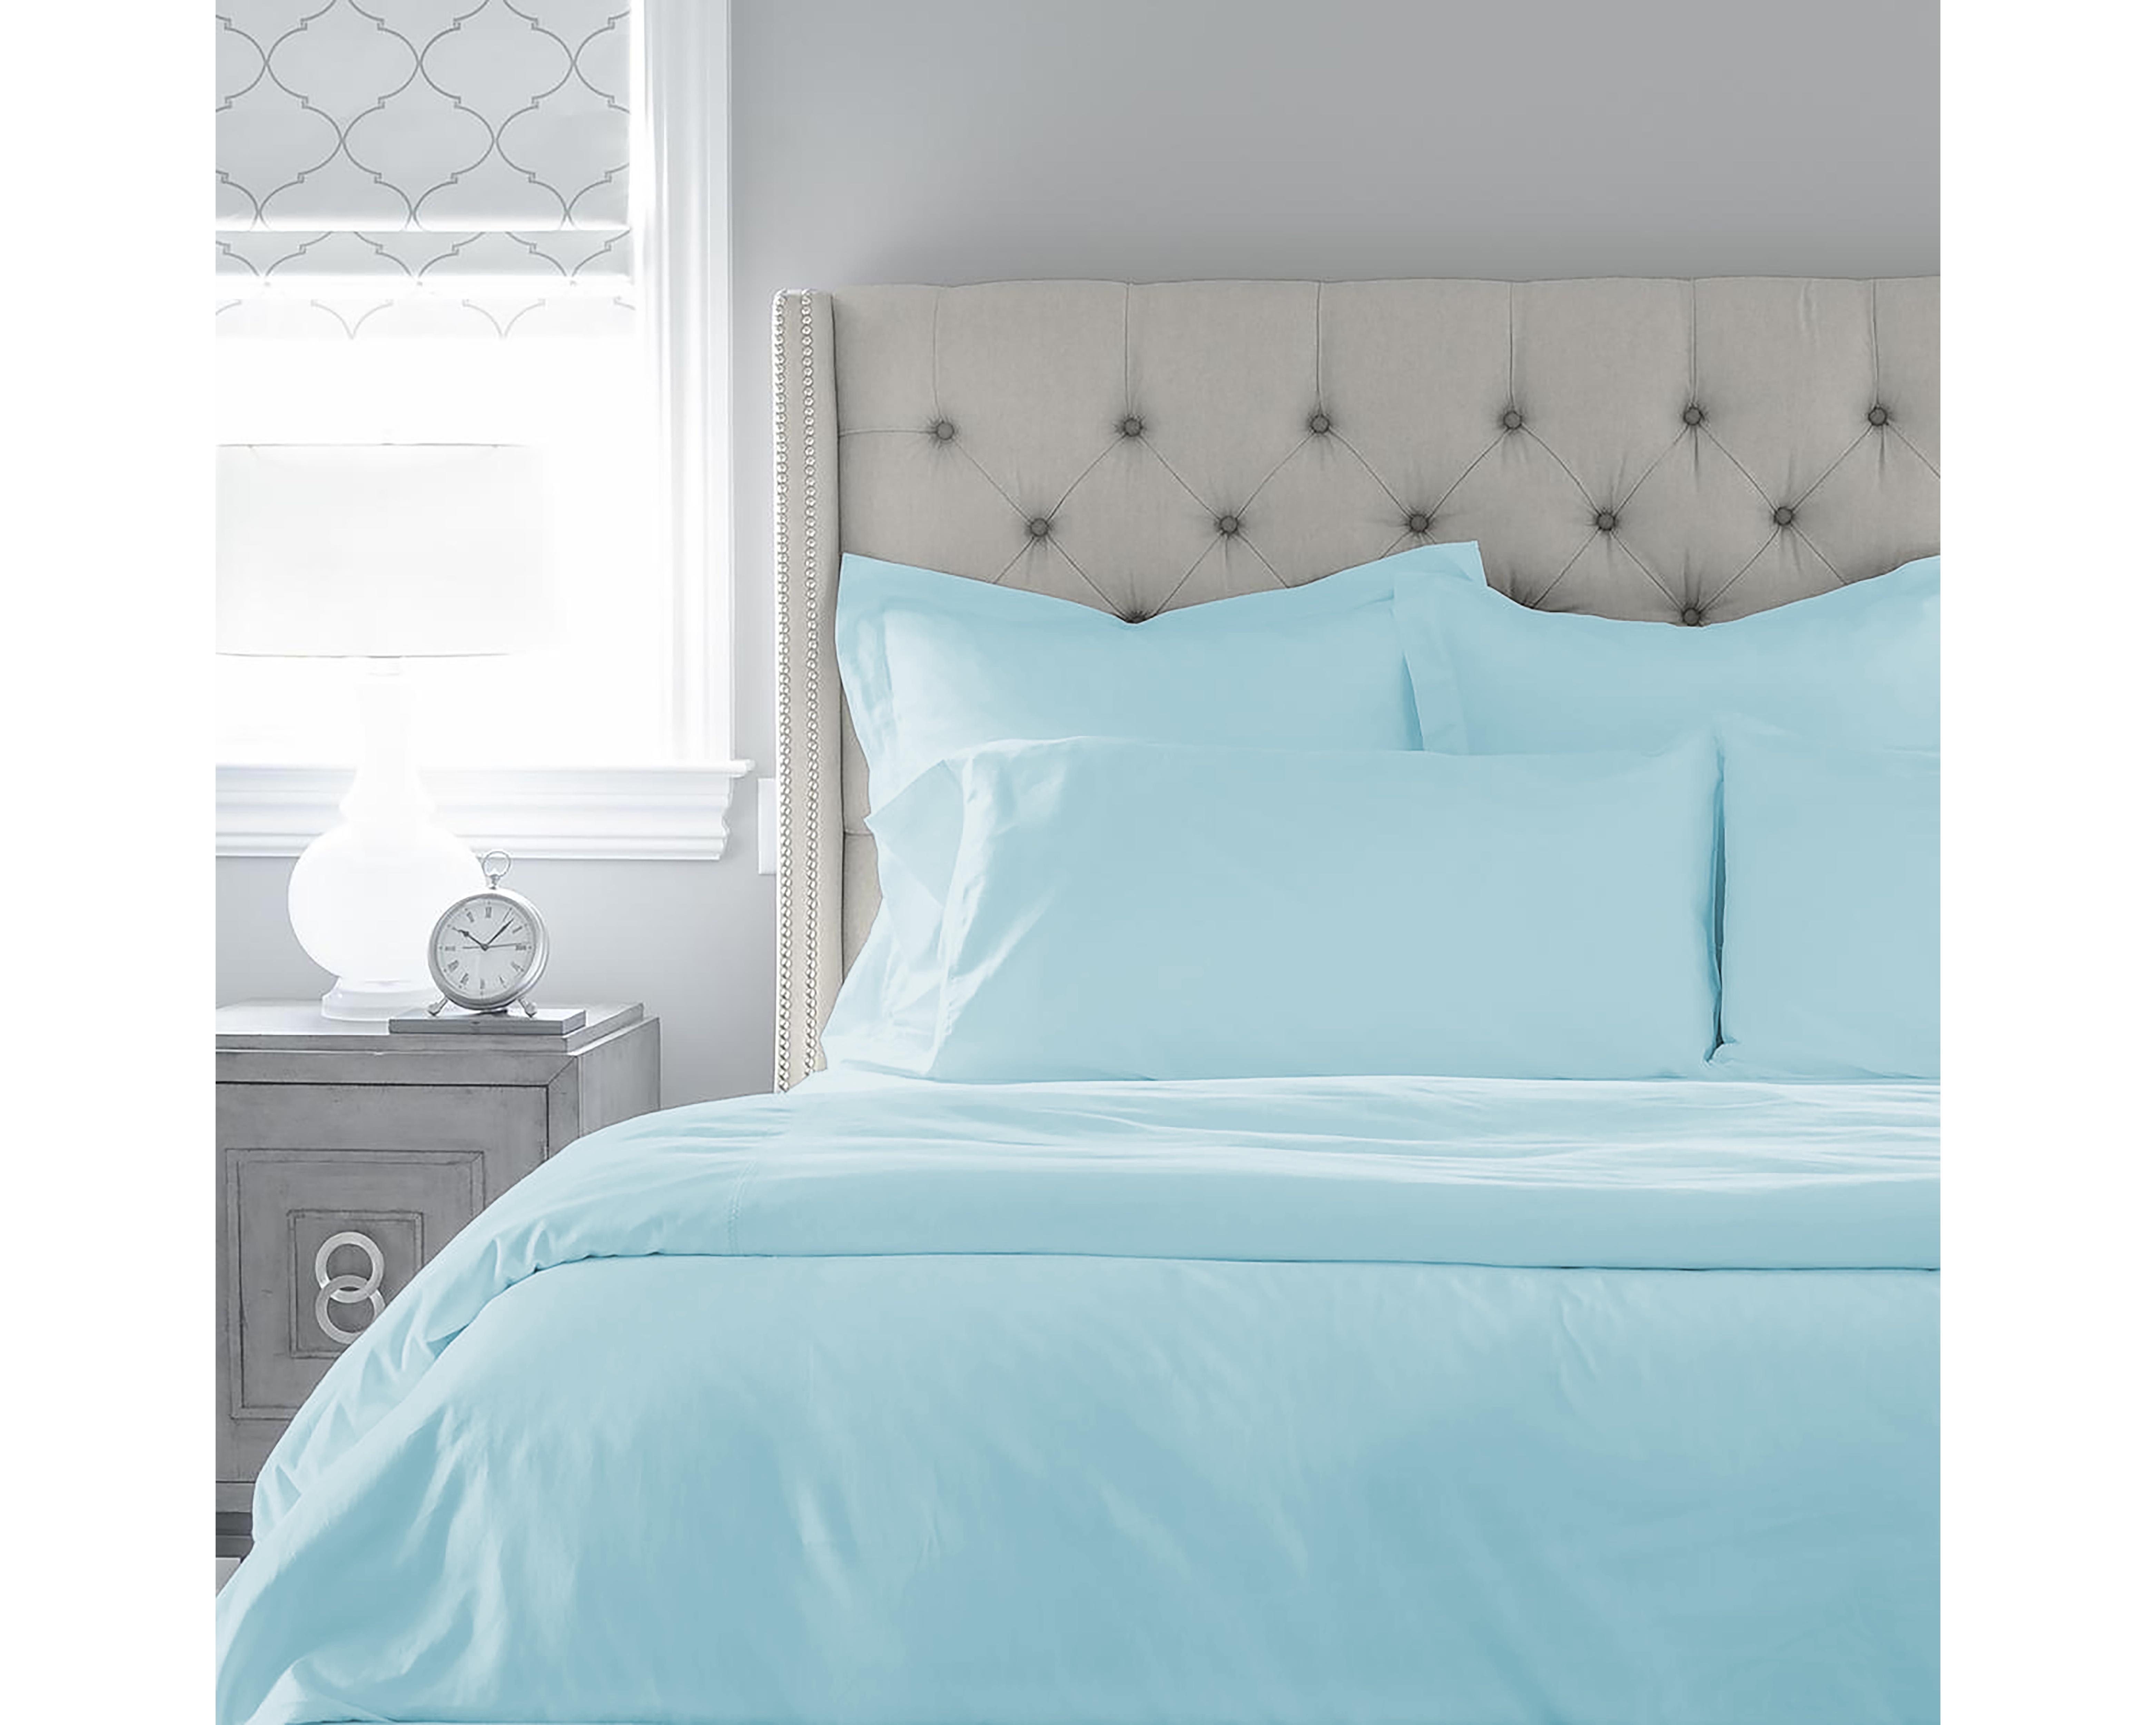 beckham hotel collection luxury soft duvet cover set ebay. Black Bedroom Furniture Sets. Home Design Ideas